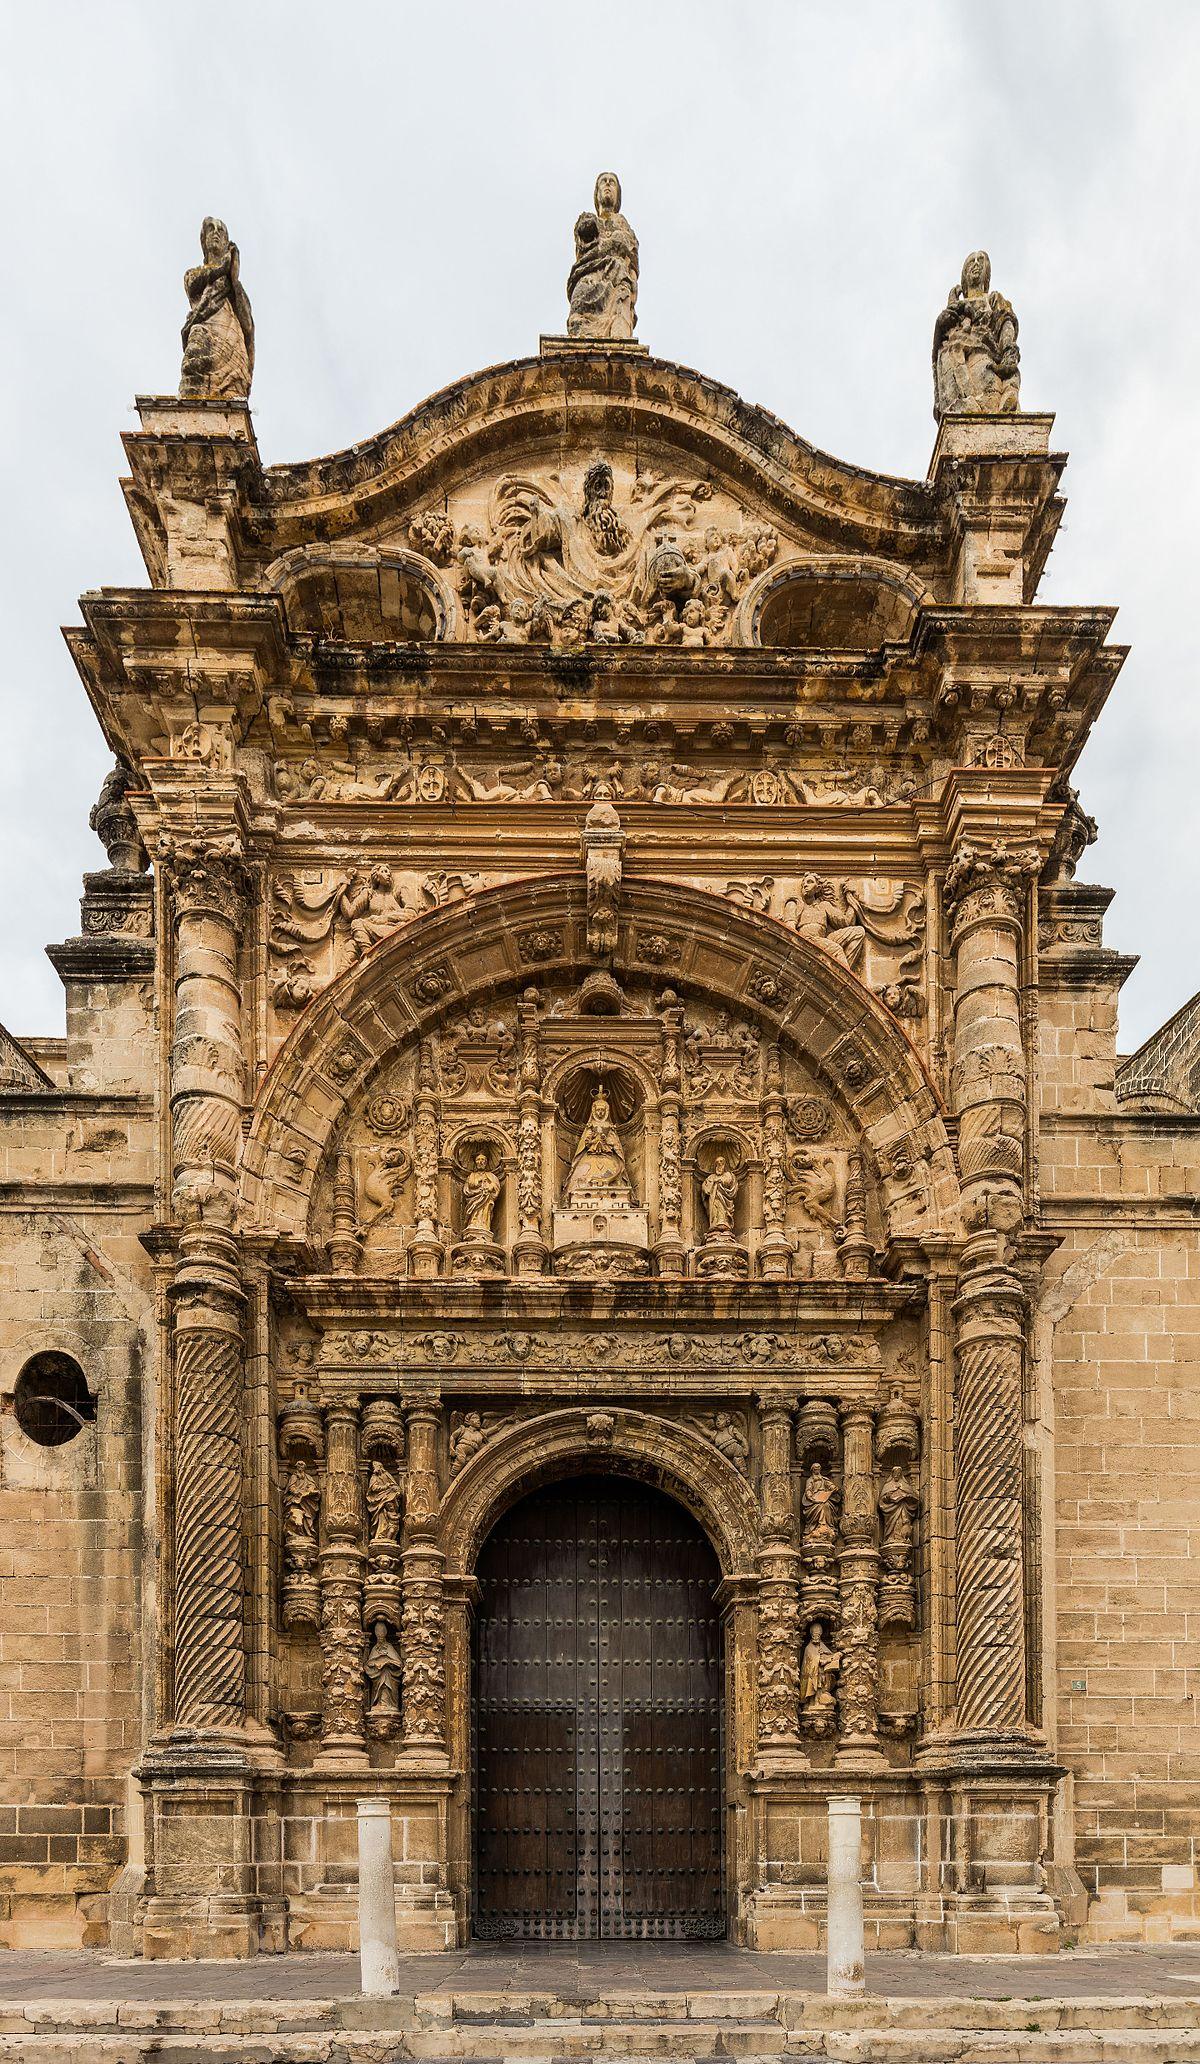 Iglesia mayor prioral el puerto de santa mar a wikipedia la enciclopedia libre - Psicologo el puerto de santa maria ...